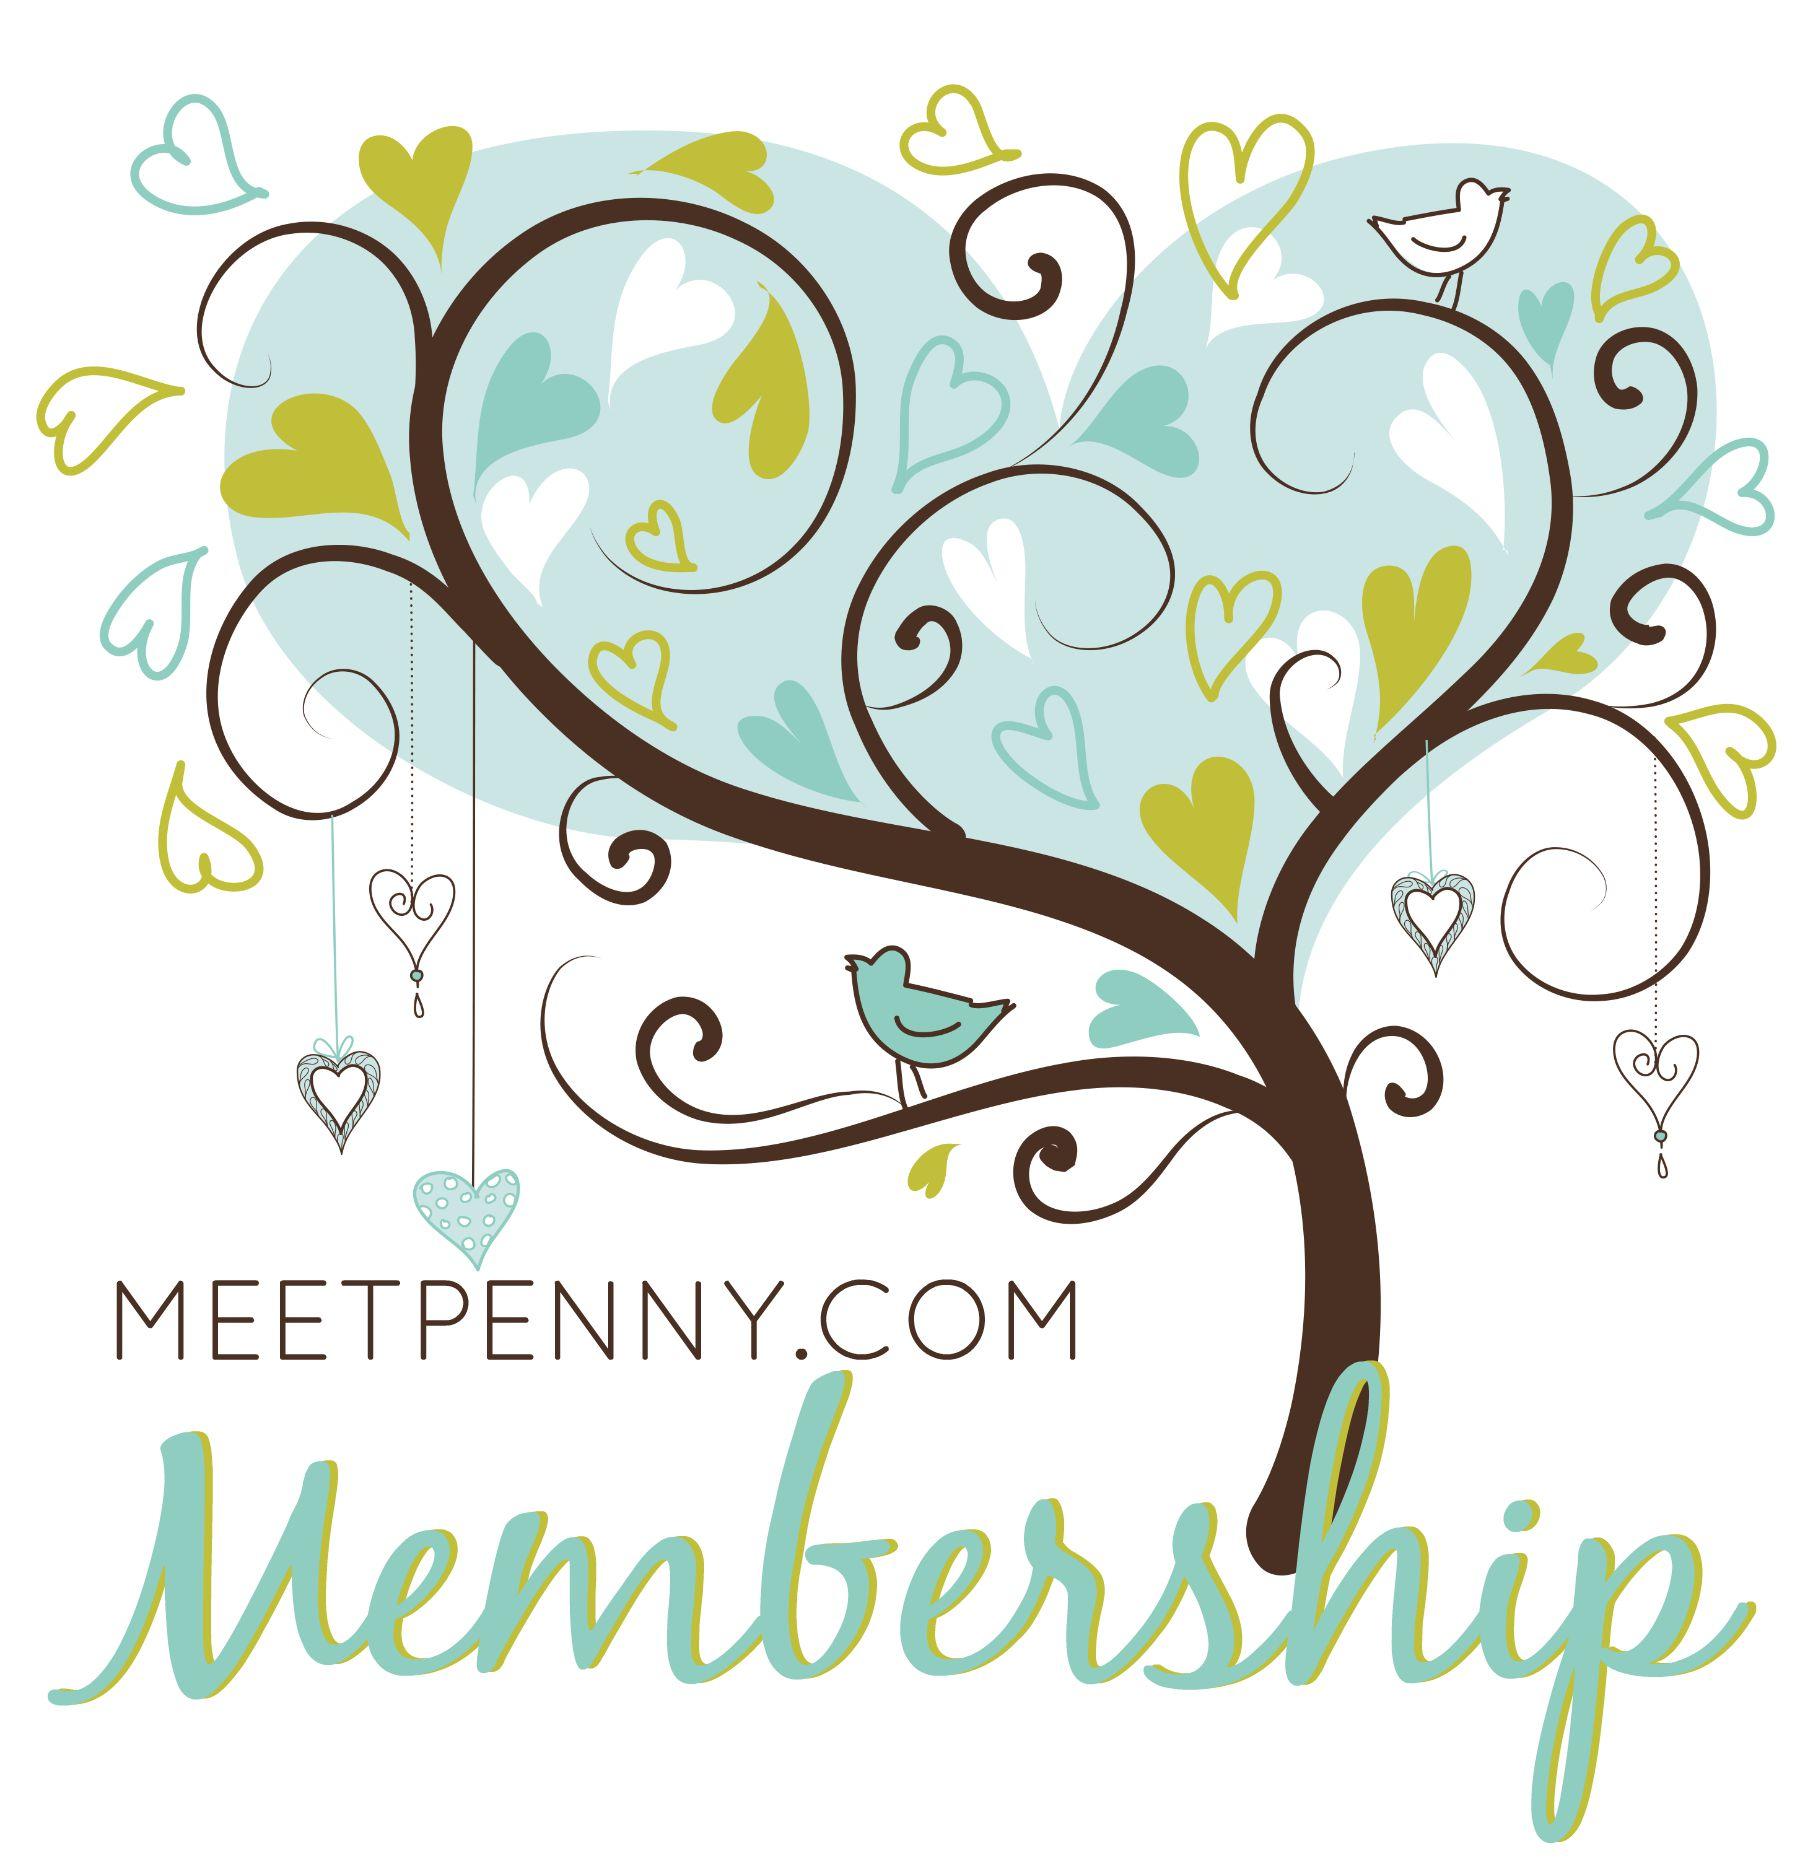 Meet Penny Membership